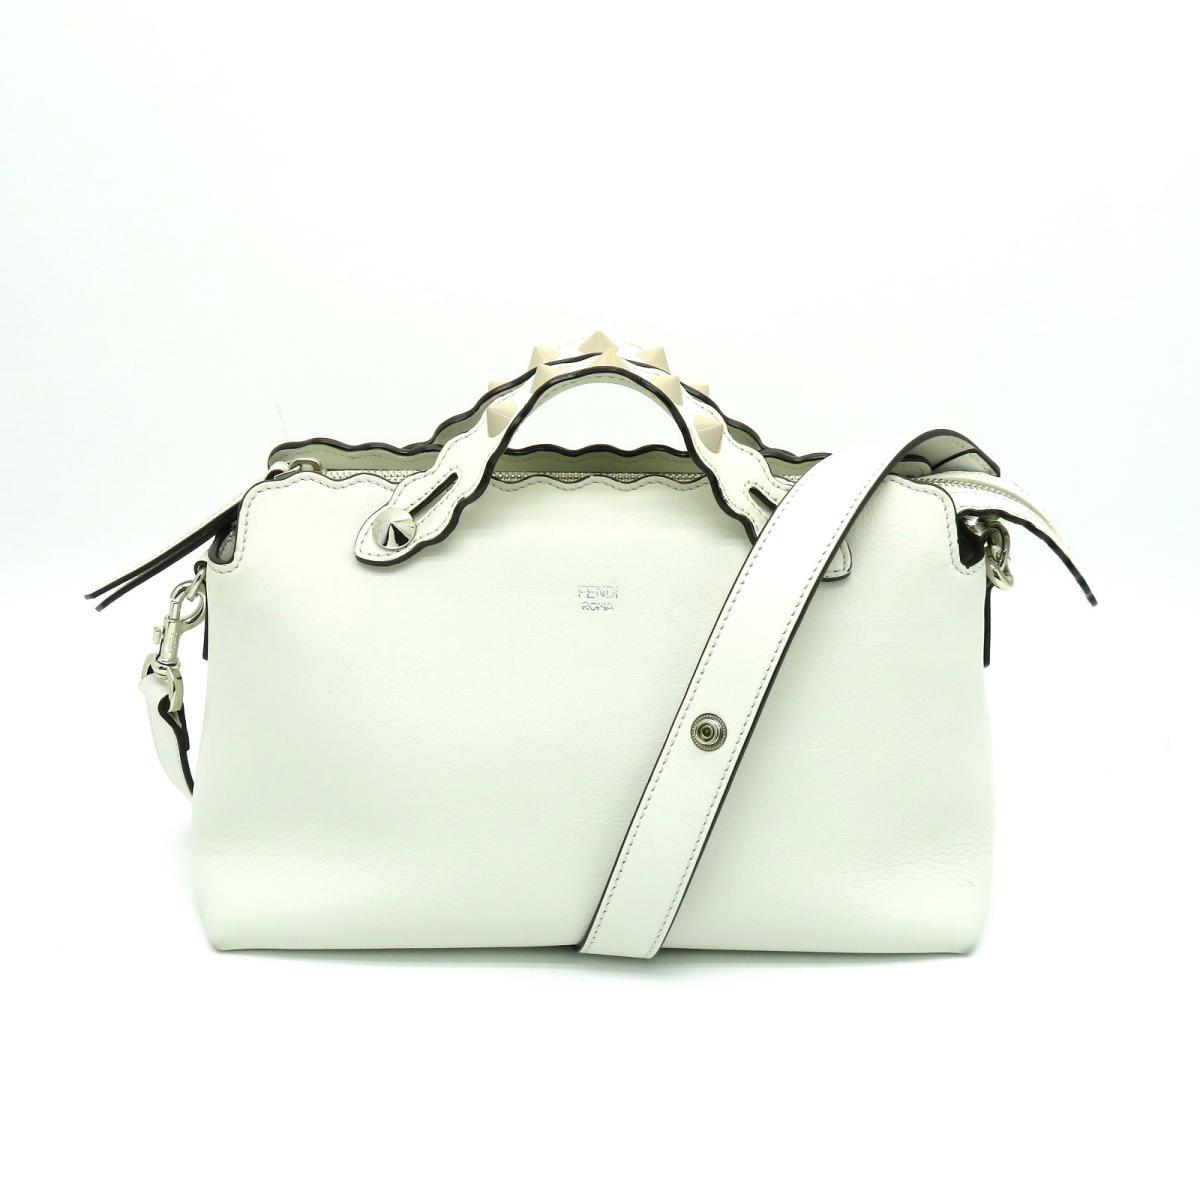 a4e6bfe99518 ... バッグ レディース 牛革 (カーフ) ホワイト (8BL124-9F) | FENDI バッグ バック 鞄 カバン BAG ブランドバッグ  ブランドバック ブランドオフ BRANDOFF